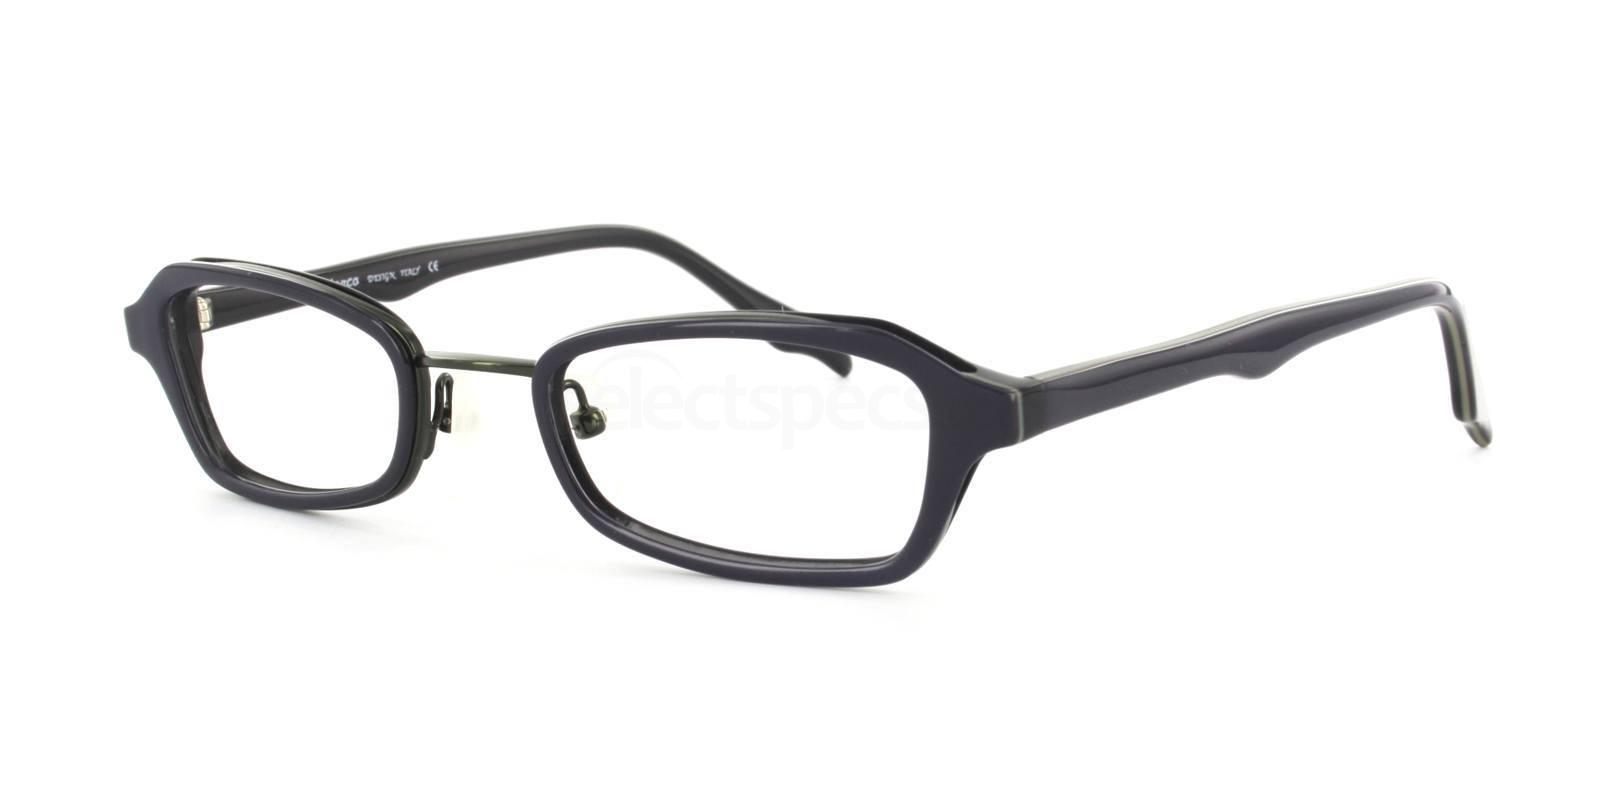 C01 54169 Glasses, Antares